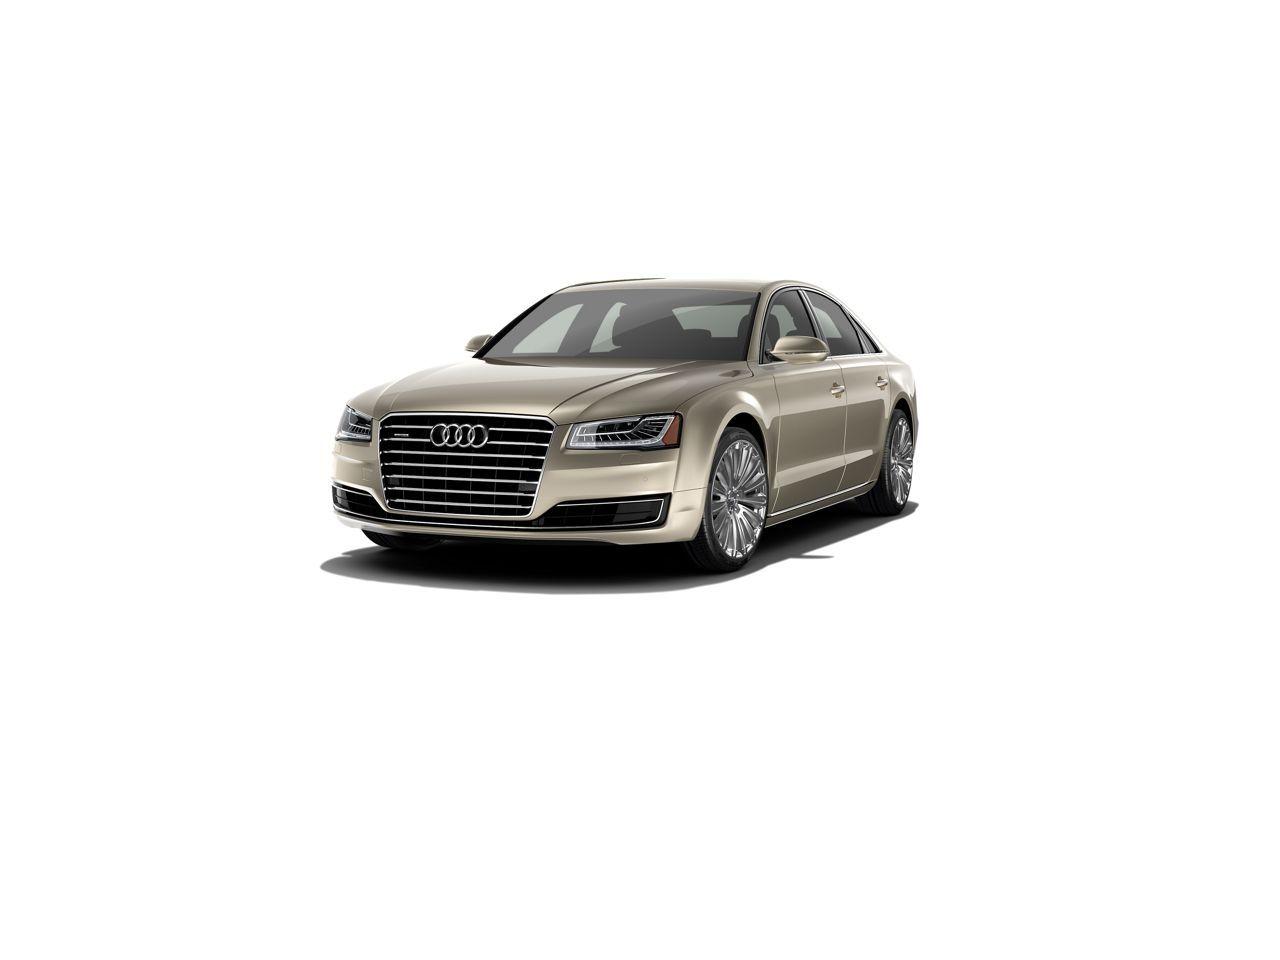 Build Your Own Audi A Car Configurator Audi USA Im Dreamin - Audi car configurator